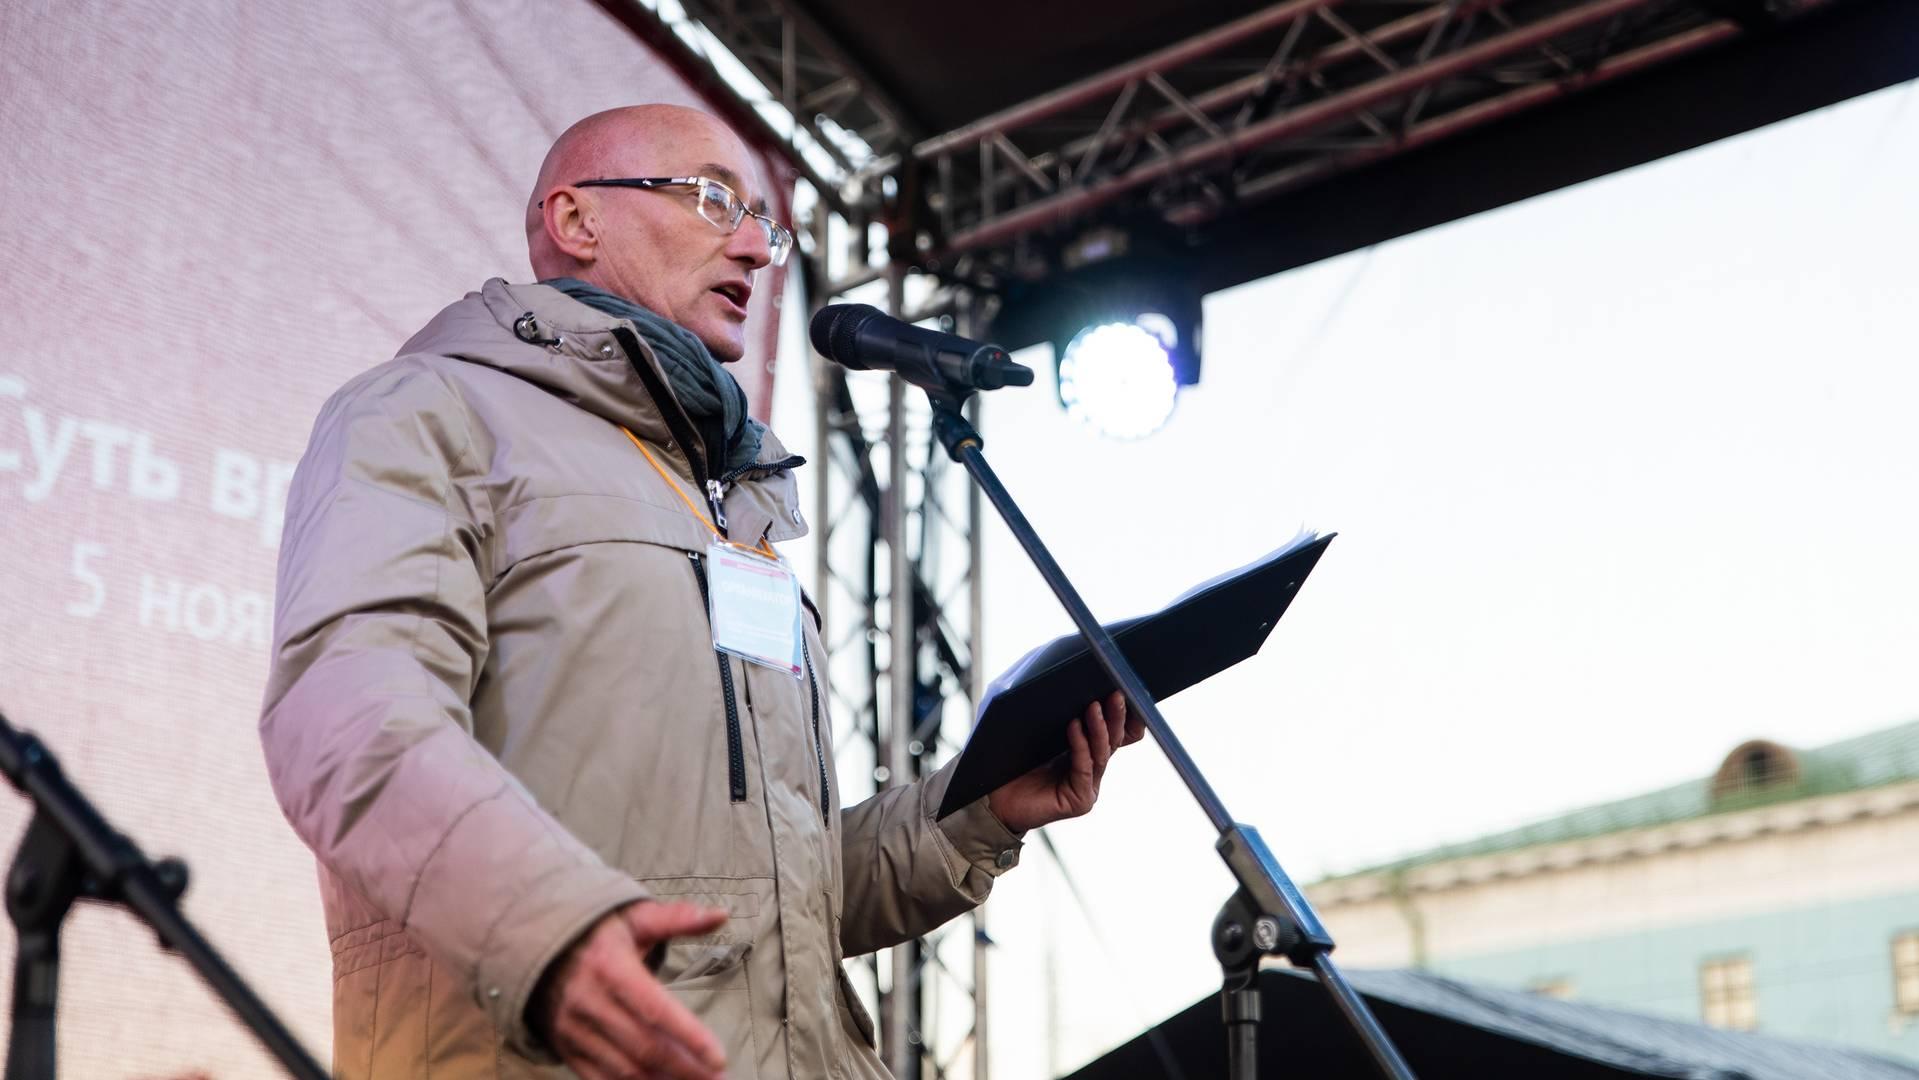 Михаил Дмитриев на митинге «Сути времени» в Москве, 5 ноября 2018 г.